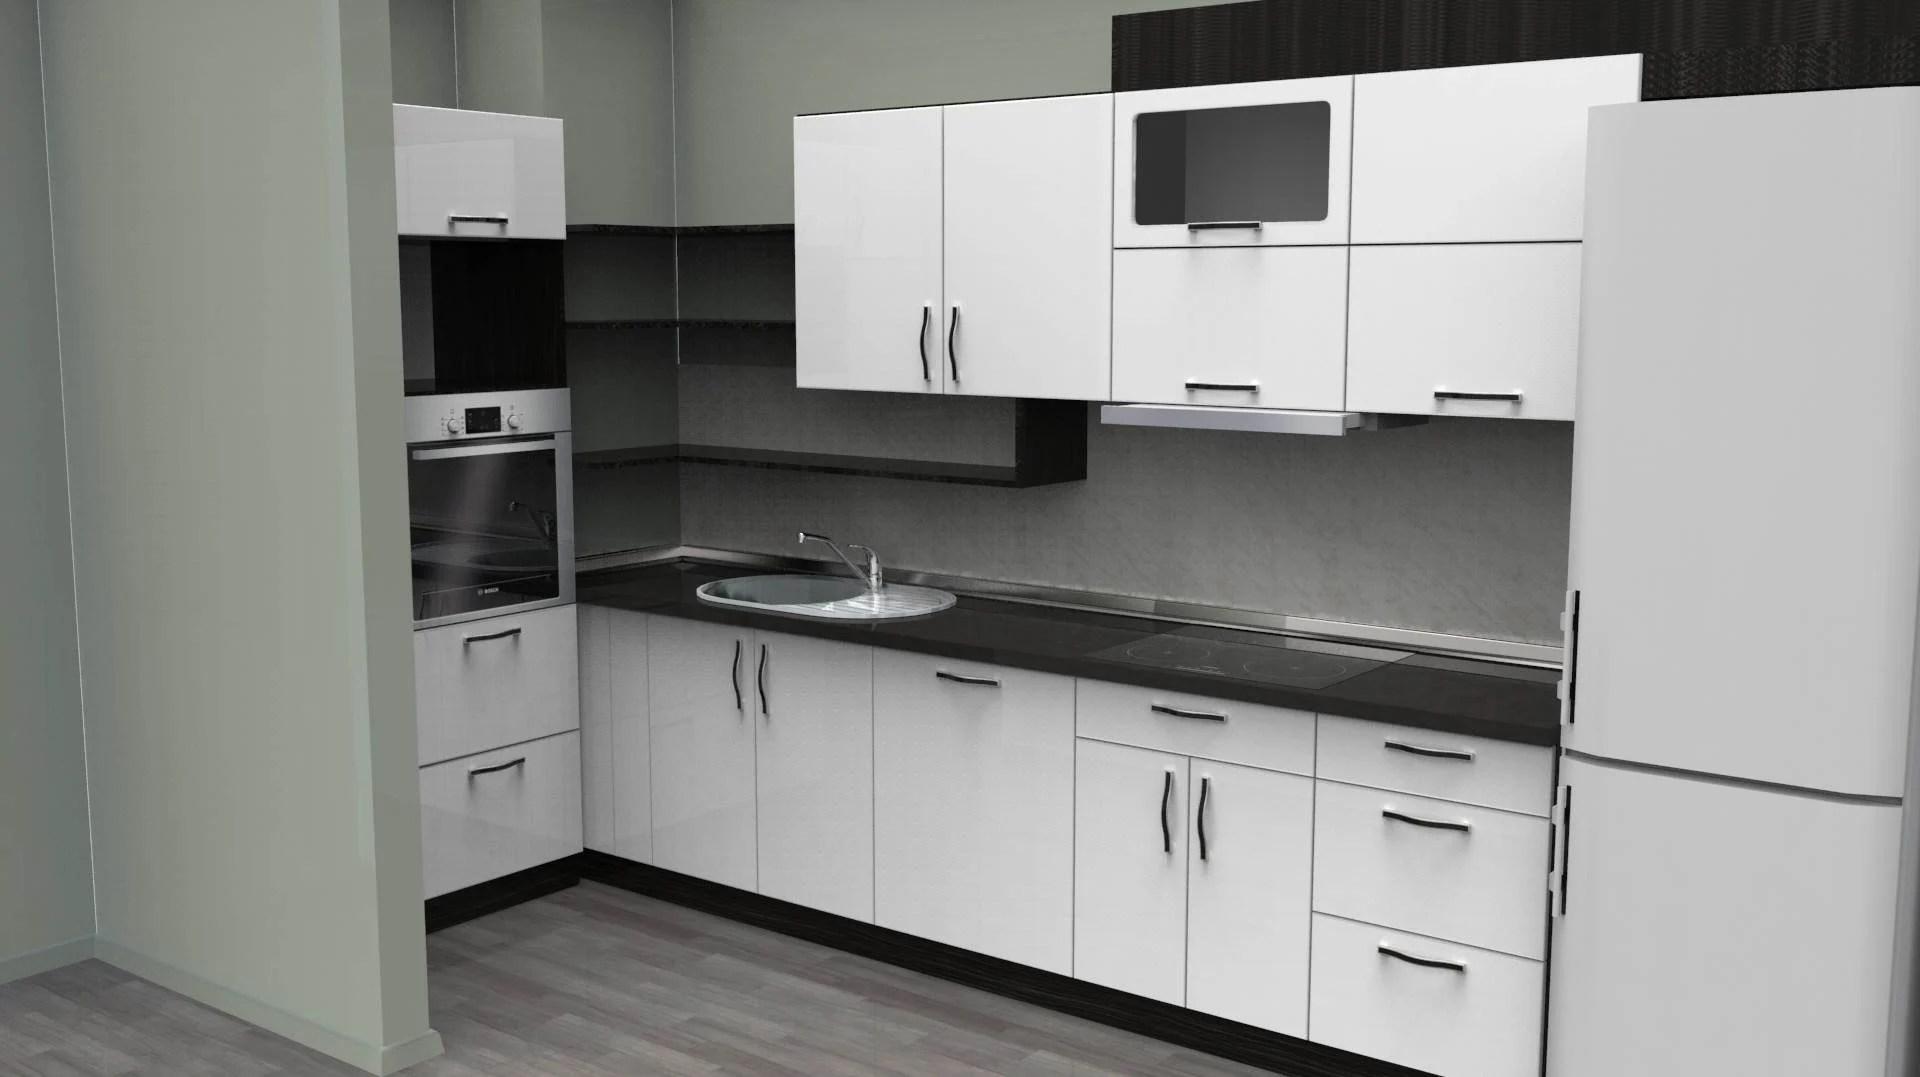 Kitchen Cabinet Design Online Tool | Nrtradiant.com